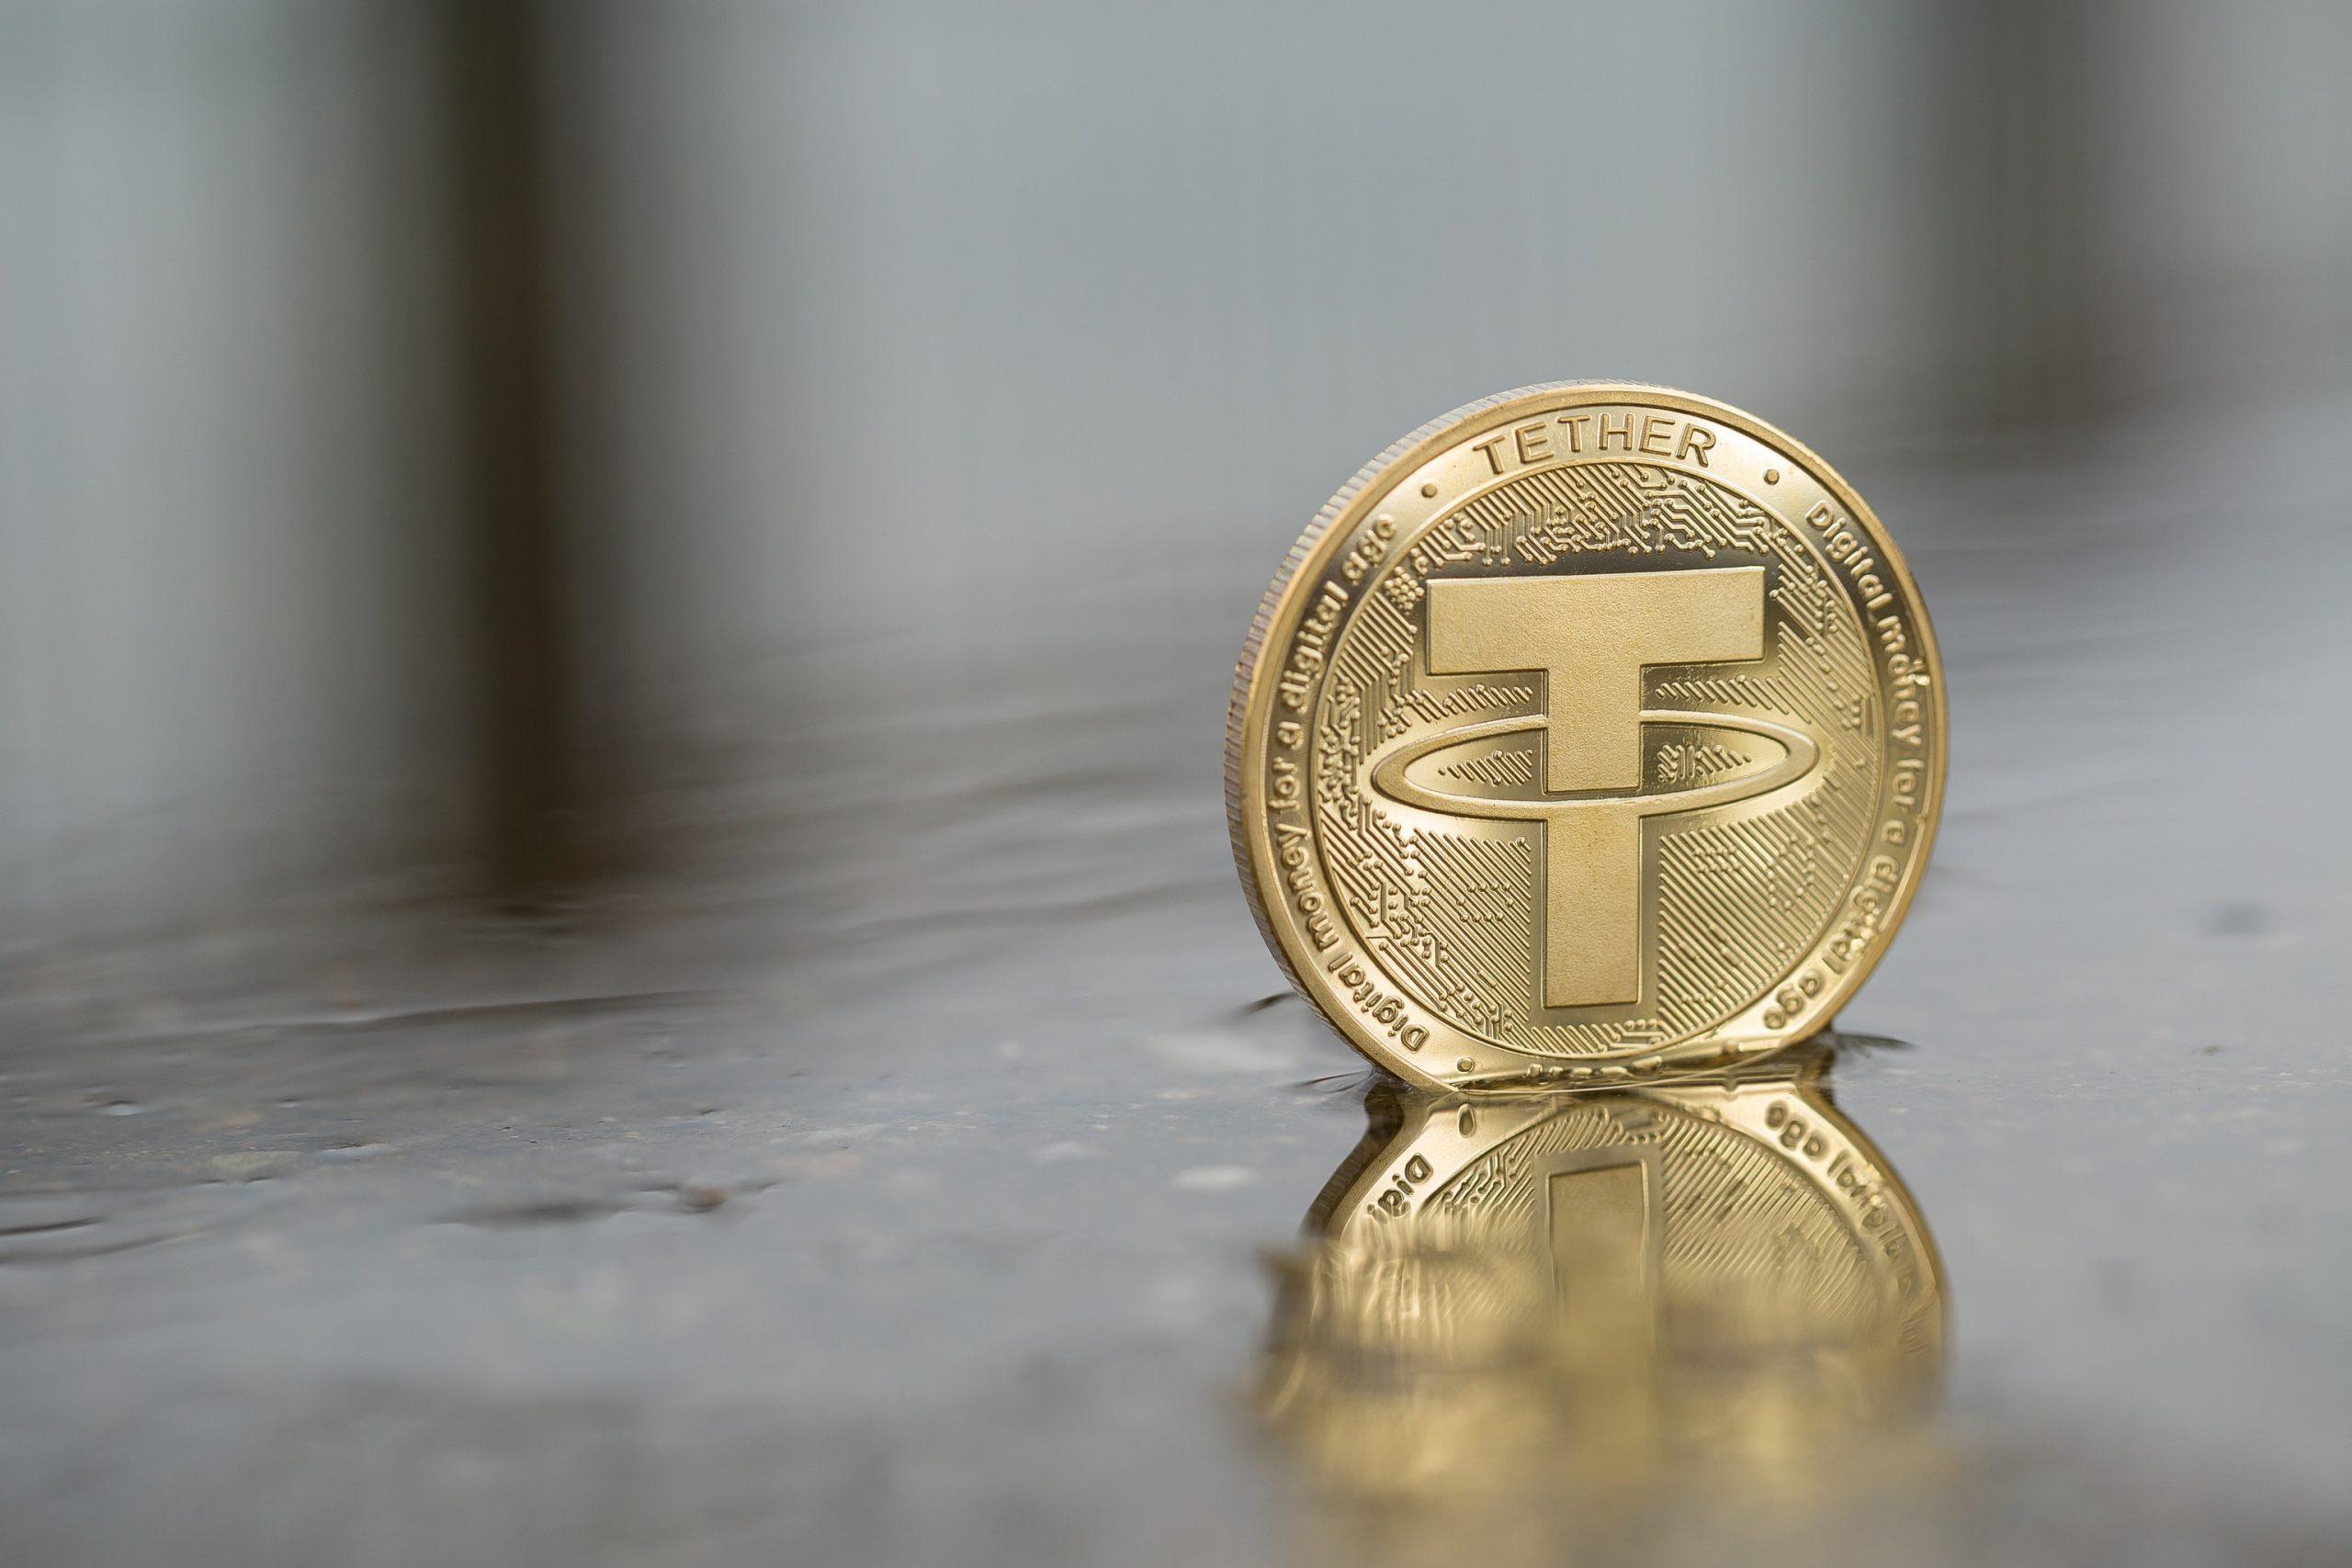 Tether-Münze, die in einer Pfütze steht